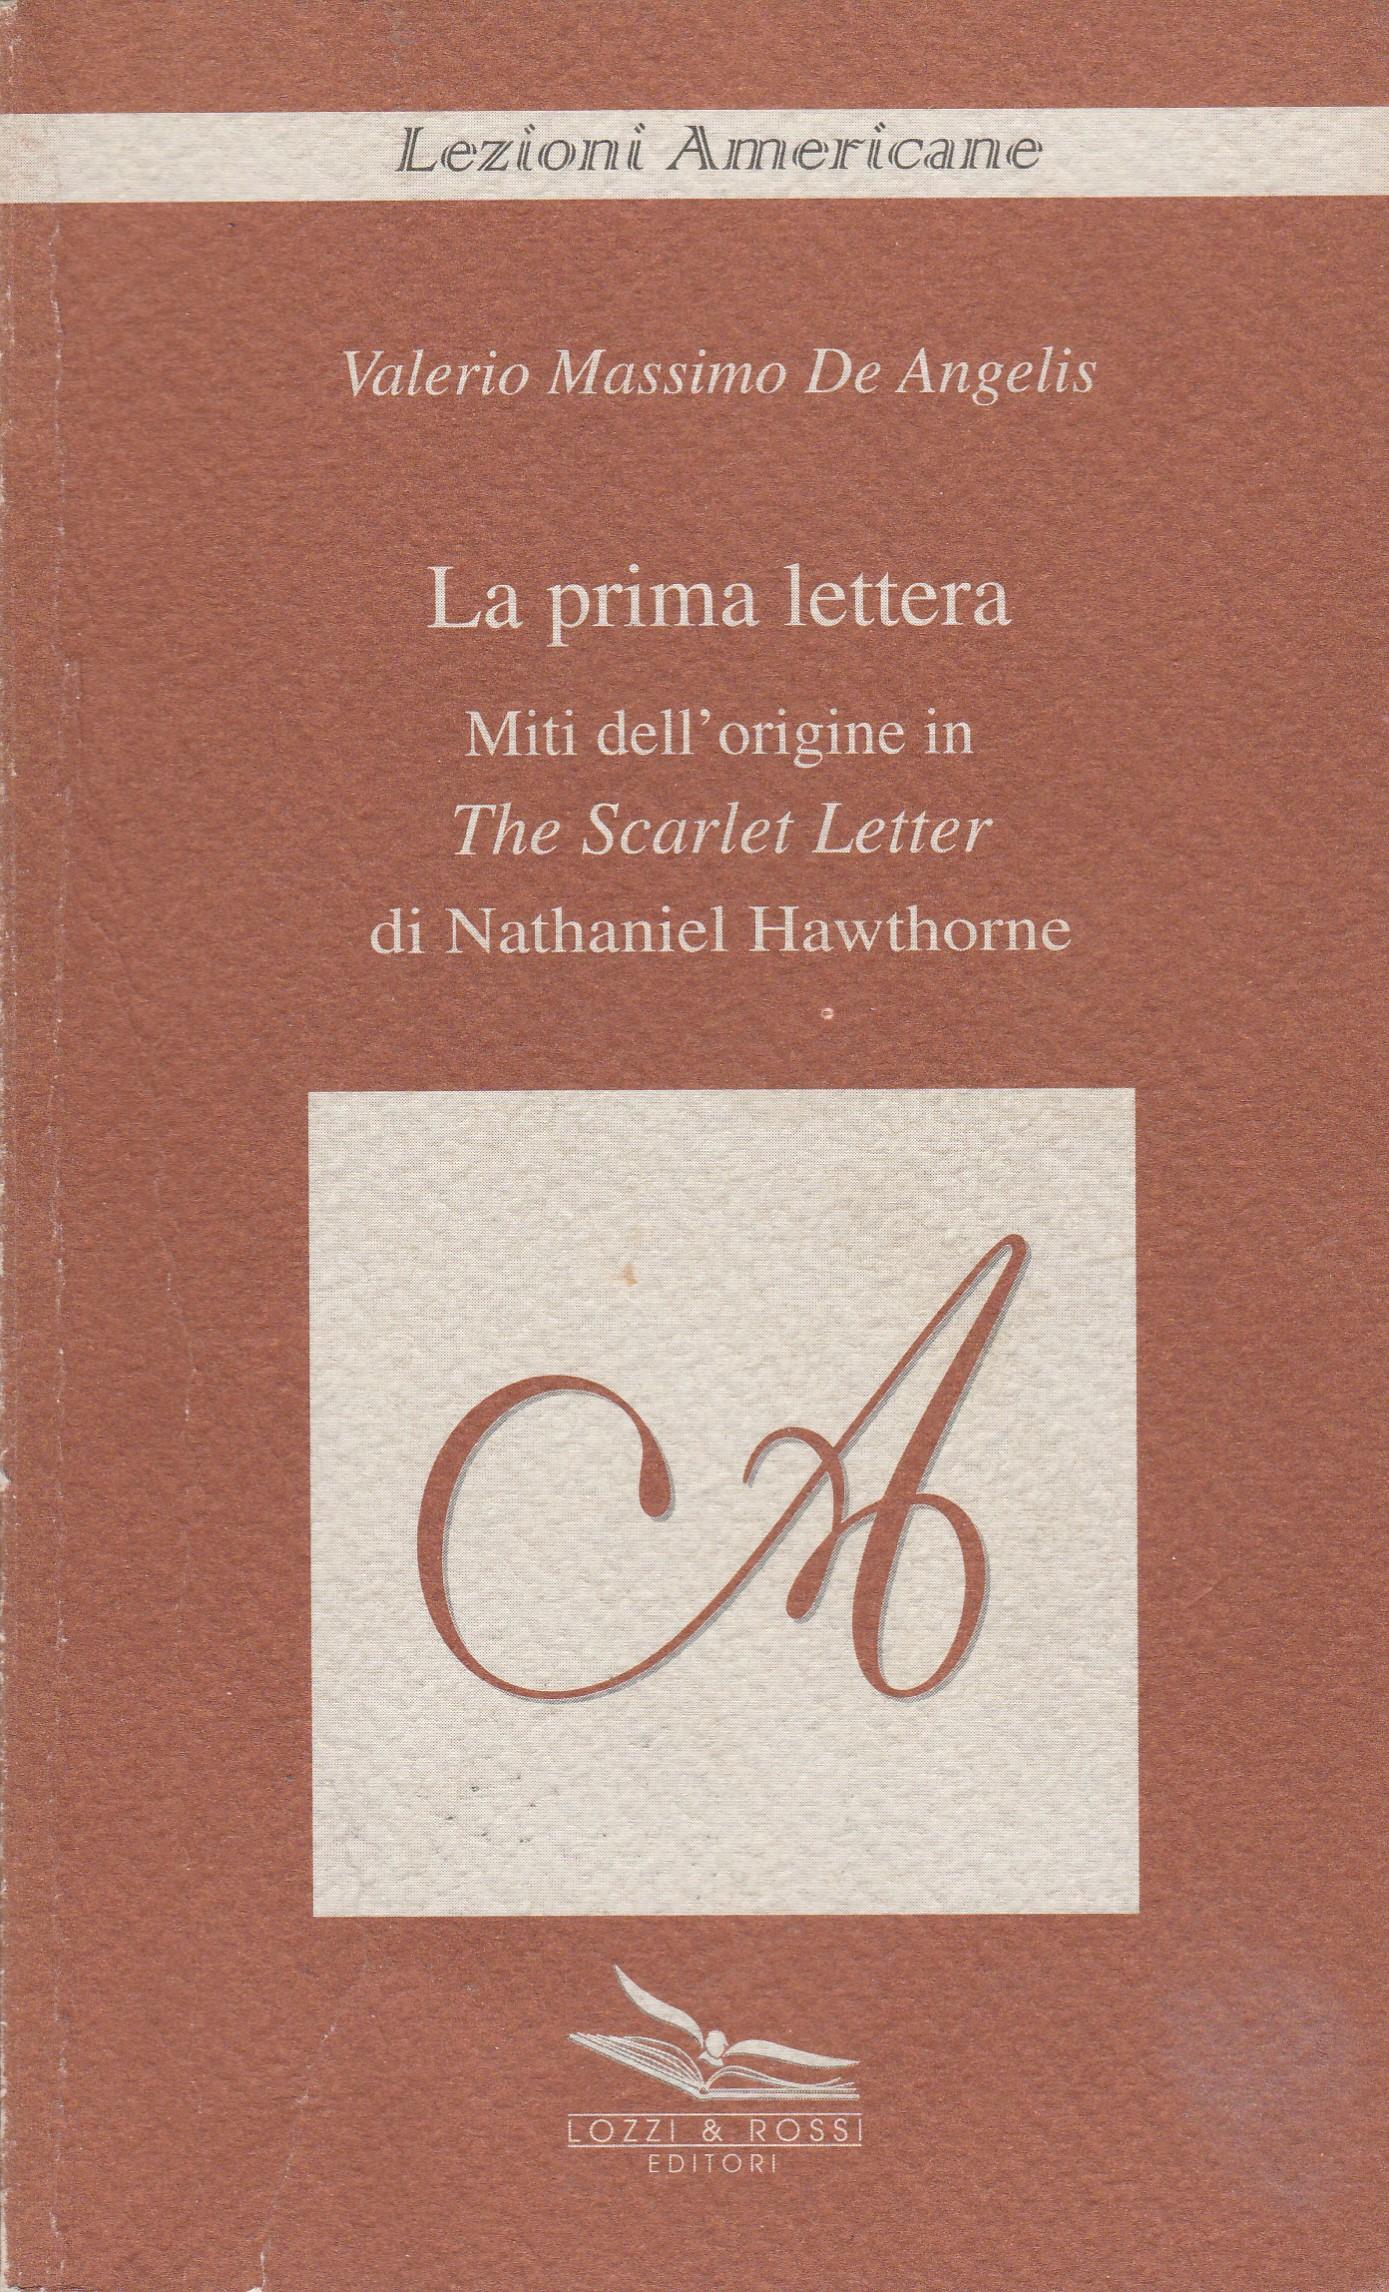 La prima lettera. Miti dell'origine in «The scarlet letter» di Nathaniel Hawthorne